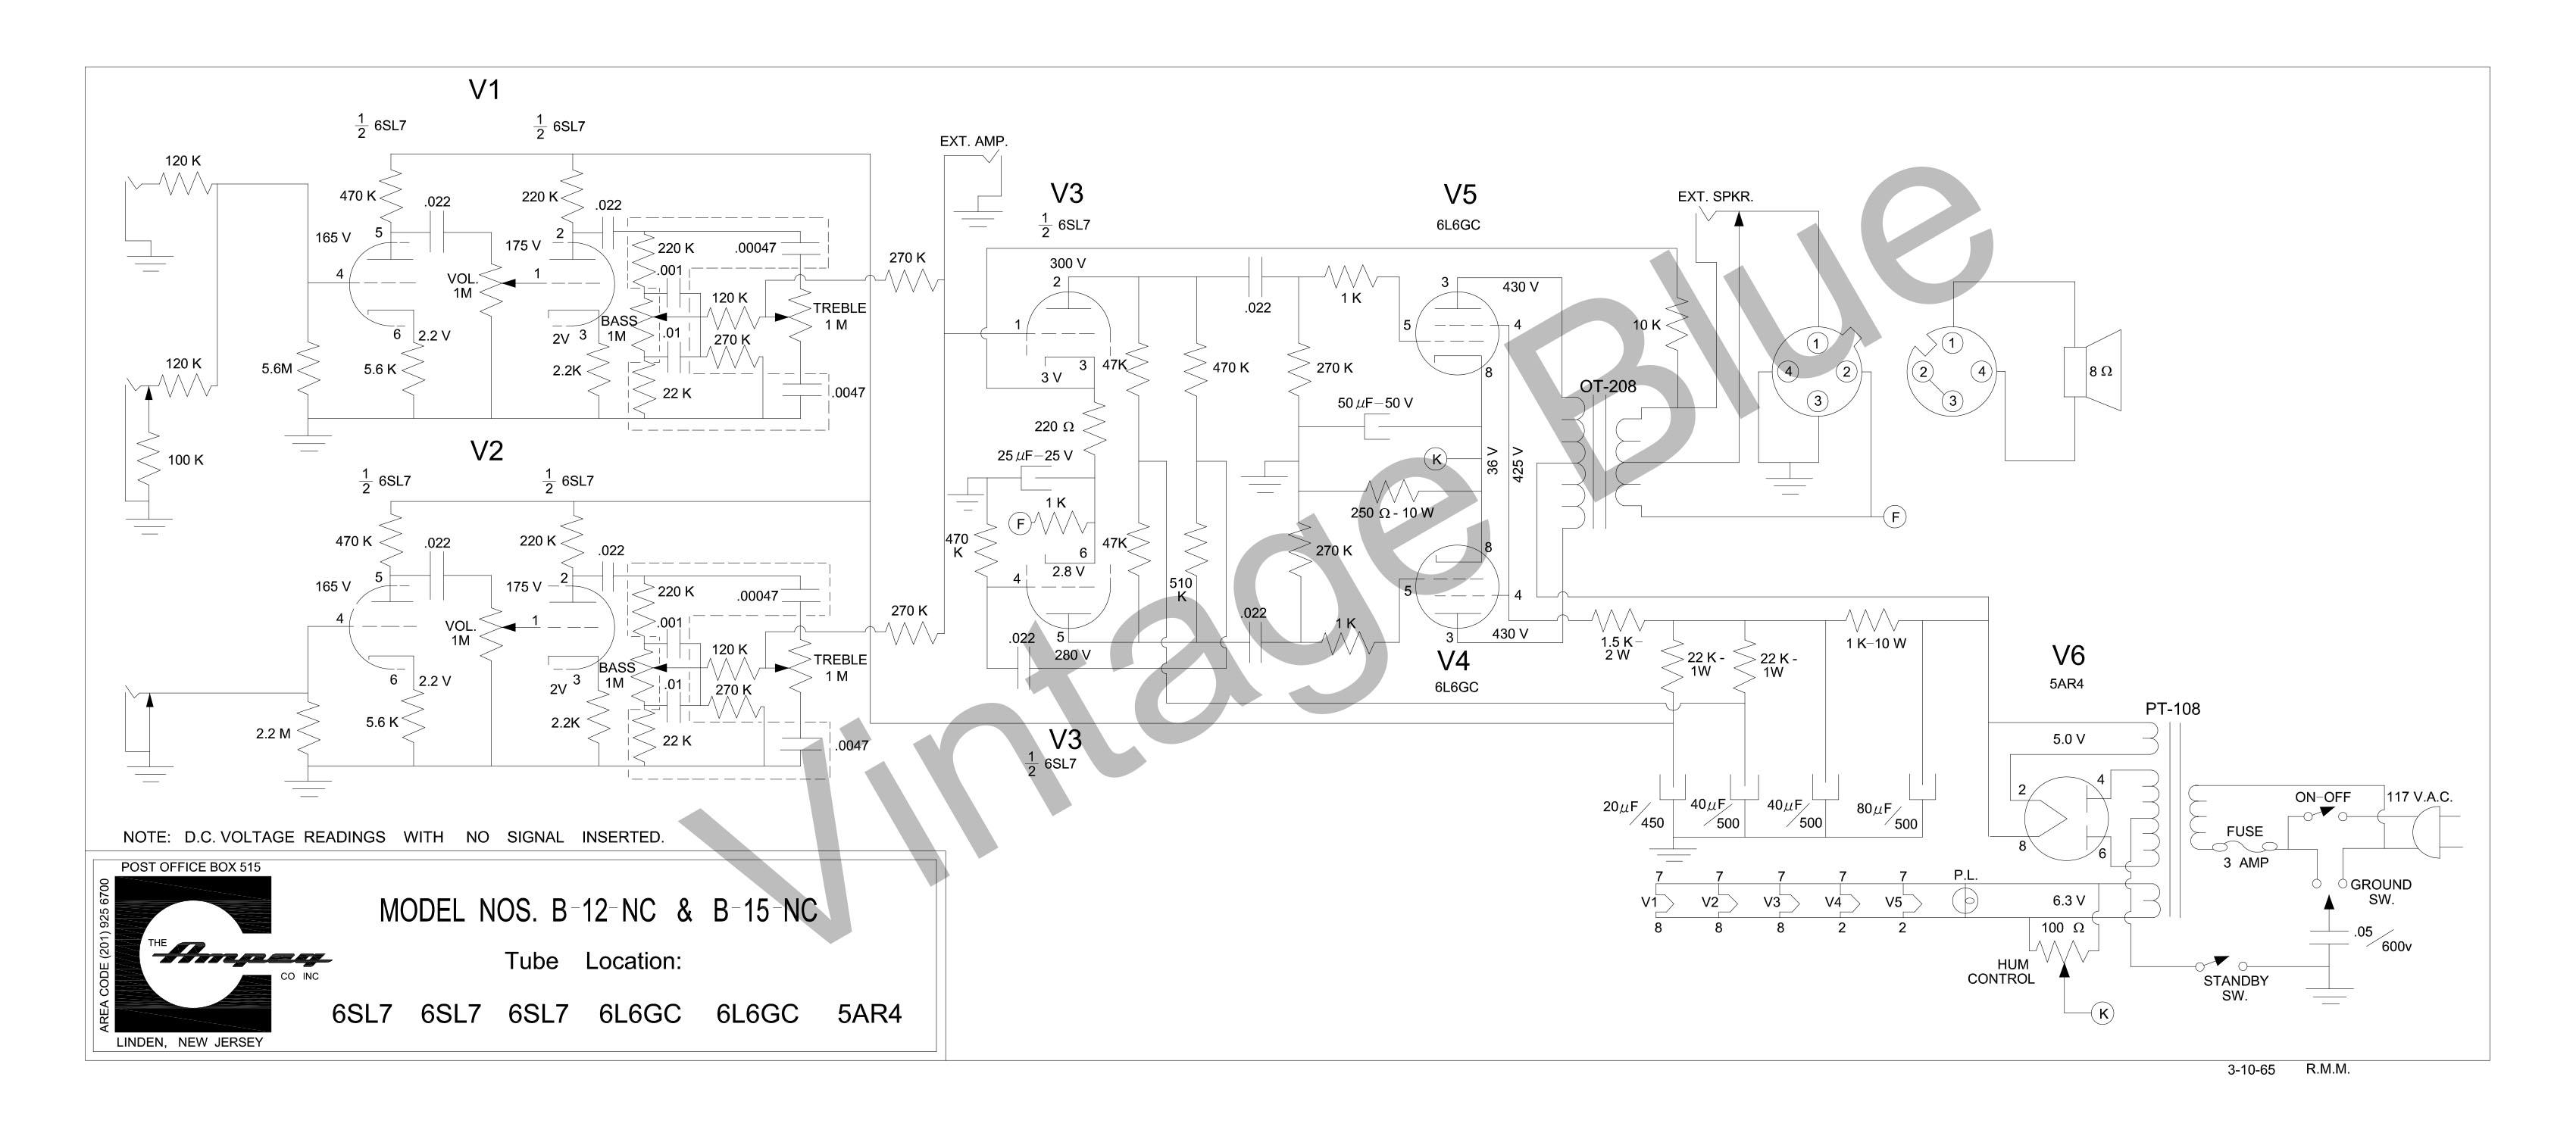 986 international tractor wiring diagram sky tv 966 alternator farmall 806